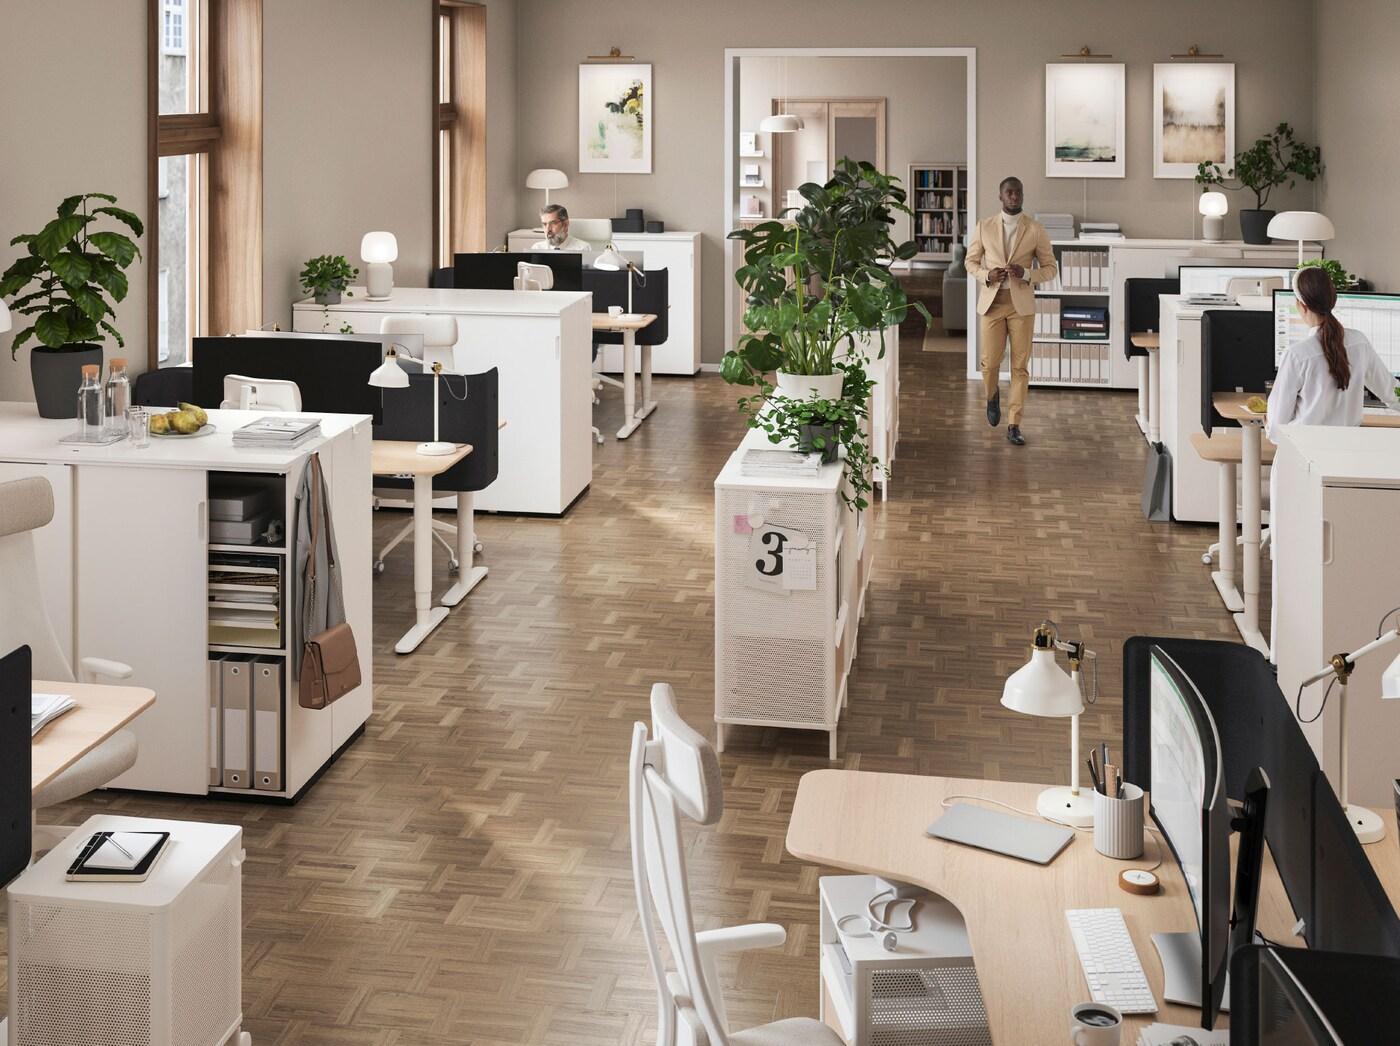 Kancelária s otvoreným pôdorysom s policovým dielom uprostred s rastlinami a pracovnými miestami s osvetlením po obvode.